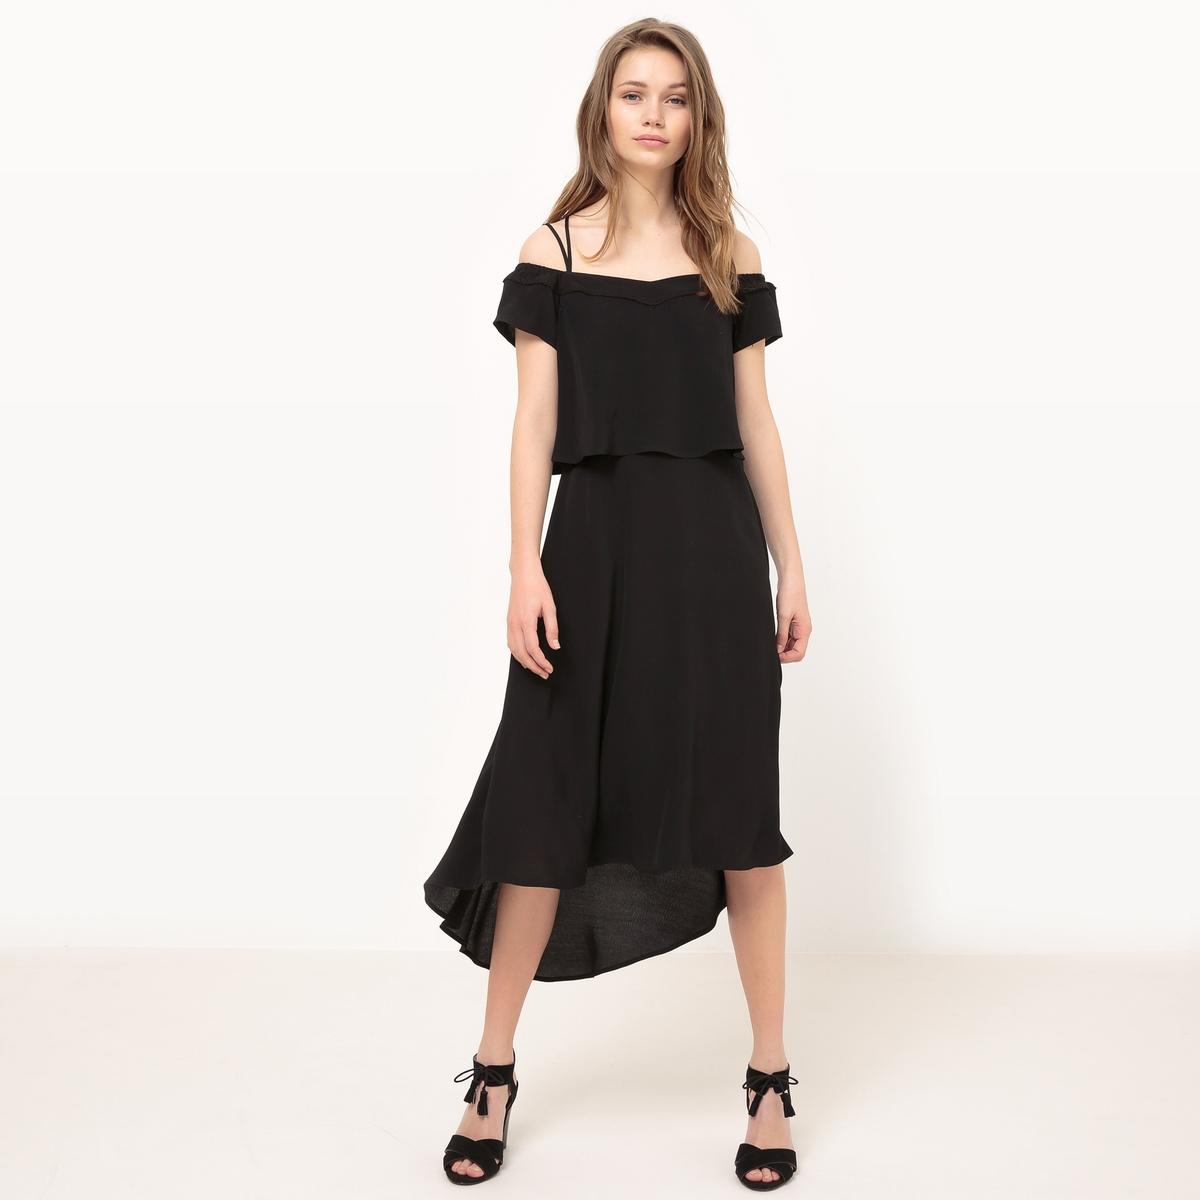 Платье для церемоний средней длины на тонких бретелях платья lamiavita гипюровое платье